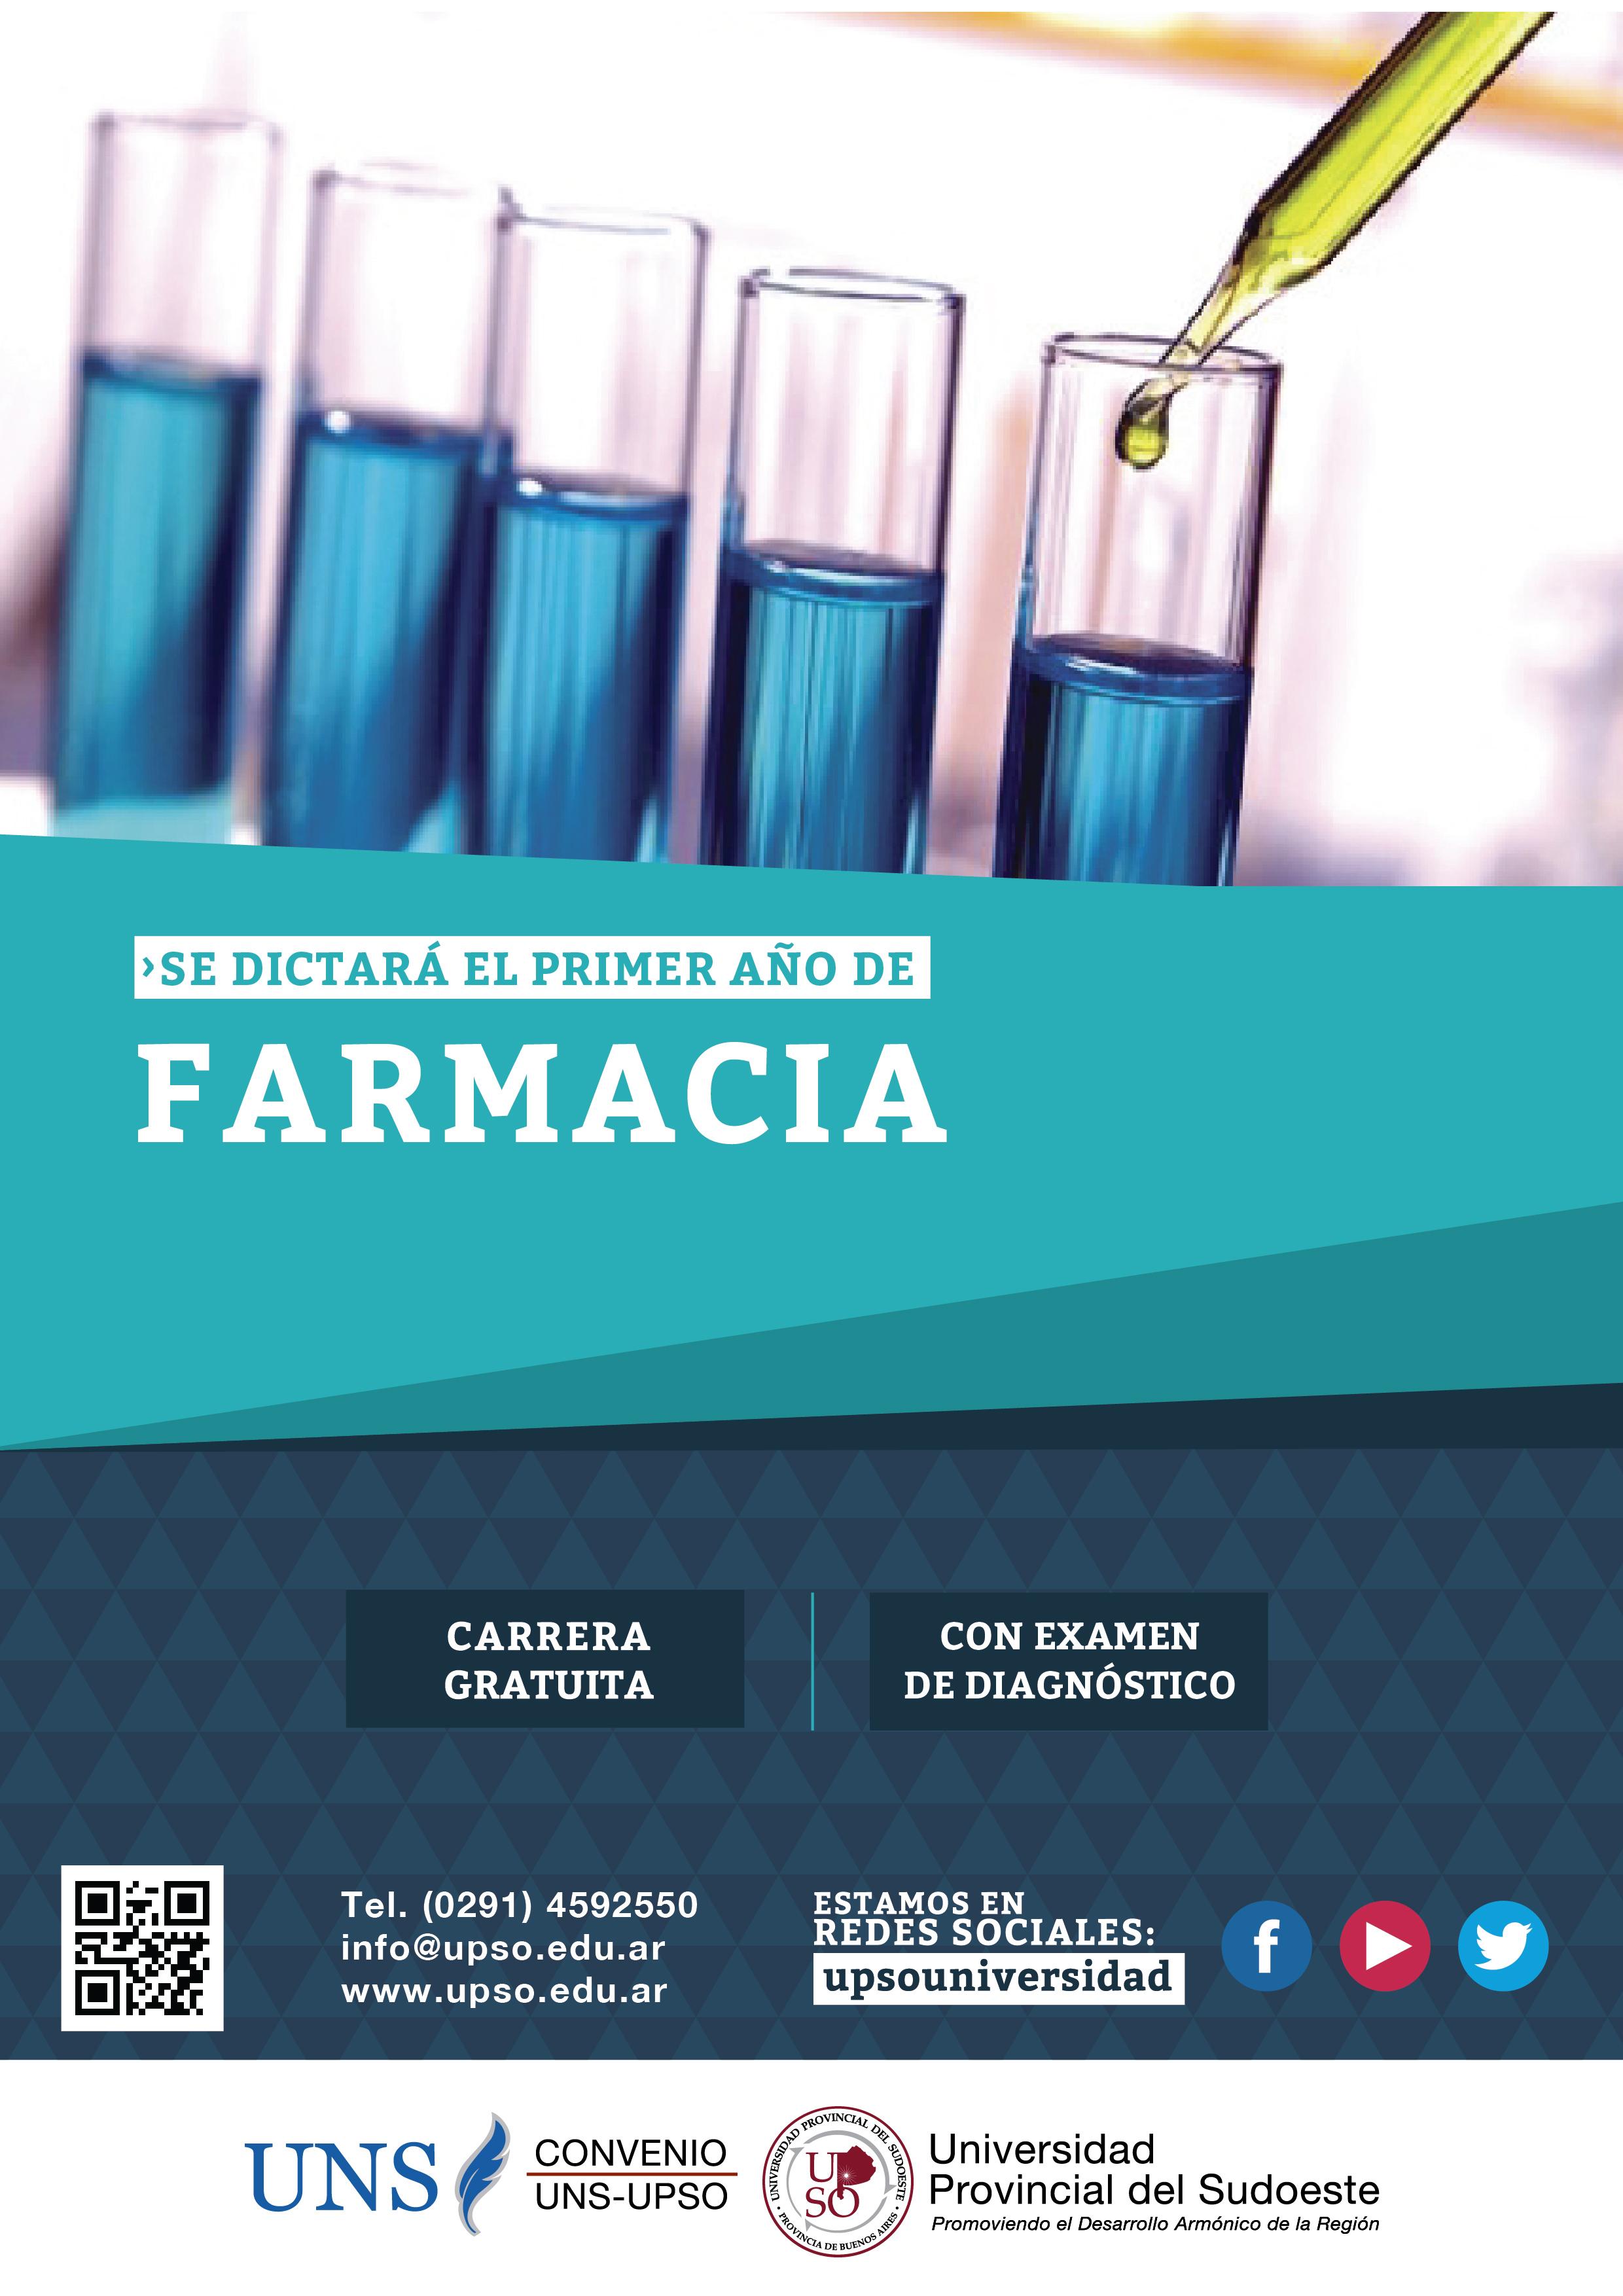 UPSO PIGÜÉ: Inician el jueves (3-11-16) los cursos de apoyo y consulta para los interesados en ingresar a la carrera de Farmacia